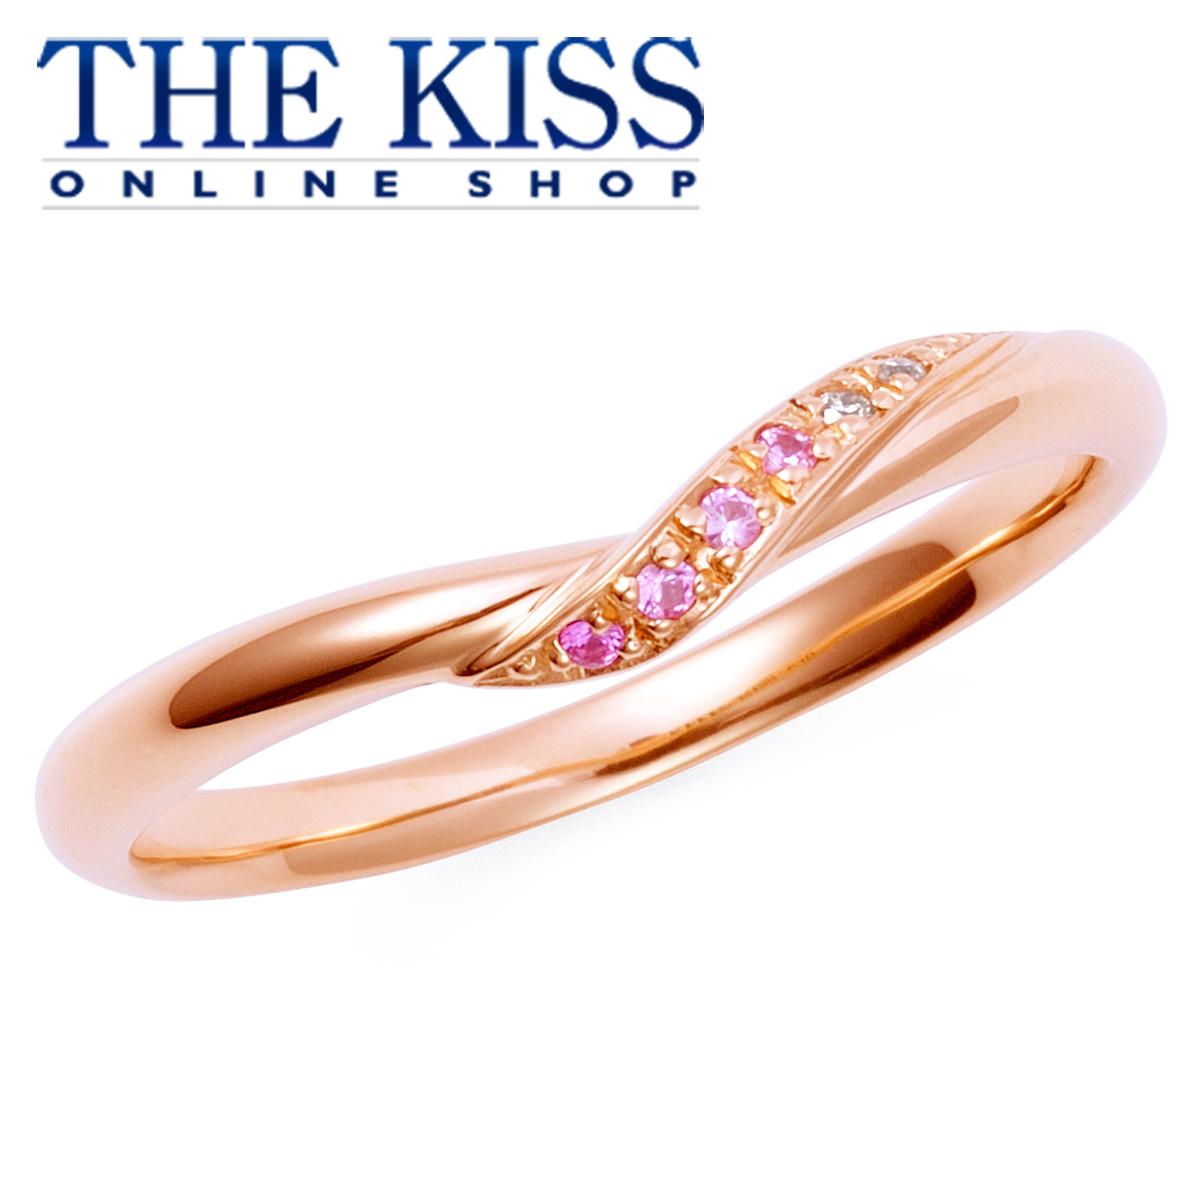 【あす楽対応】【送料無料】【THE KISS sweets】【ペアリング】 K10ピンクゴールド レディース リング (レディース単品) 2016-05RPG-DM ☆ ゴールド ペア リング 指輪 ブランド GOLD Pair Ring couple